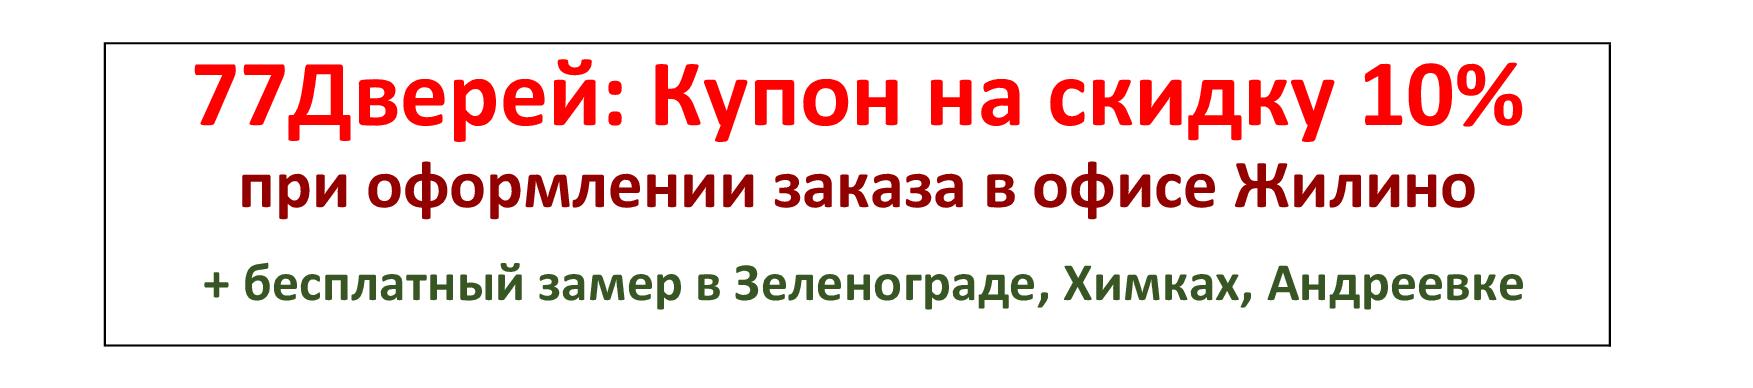 Книга1_2.png